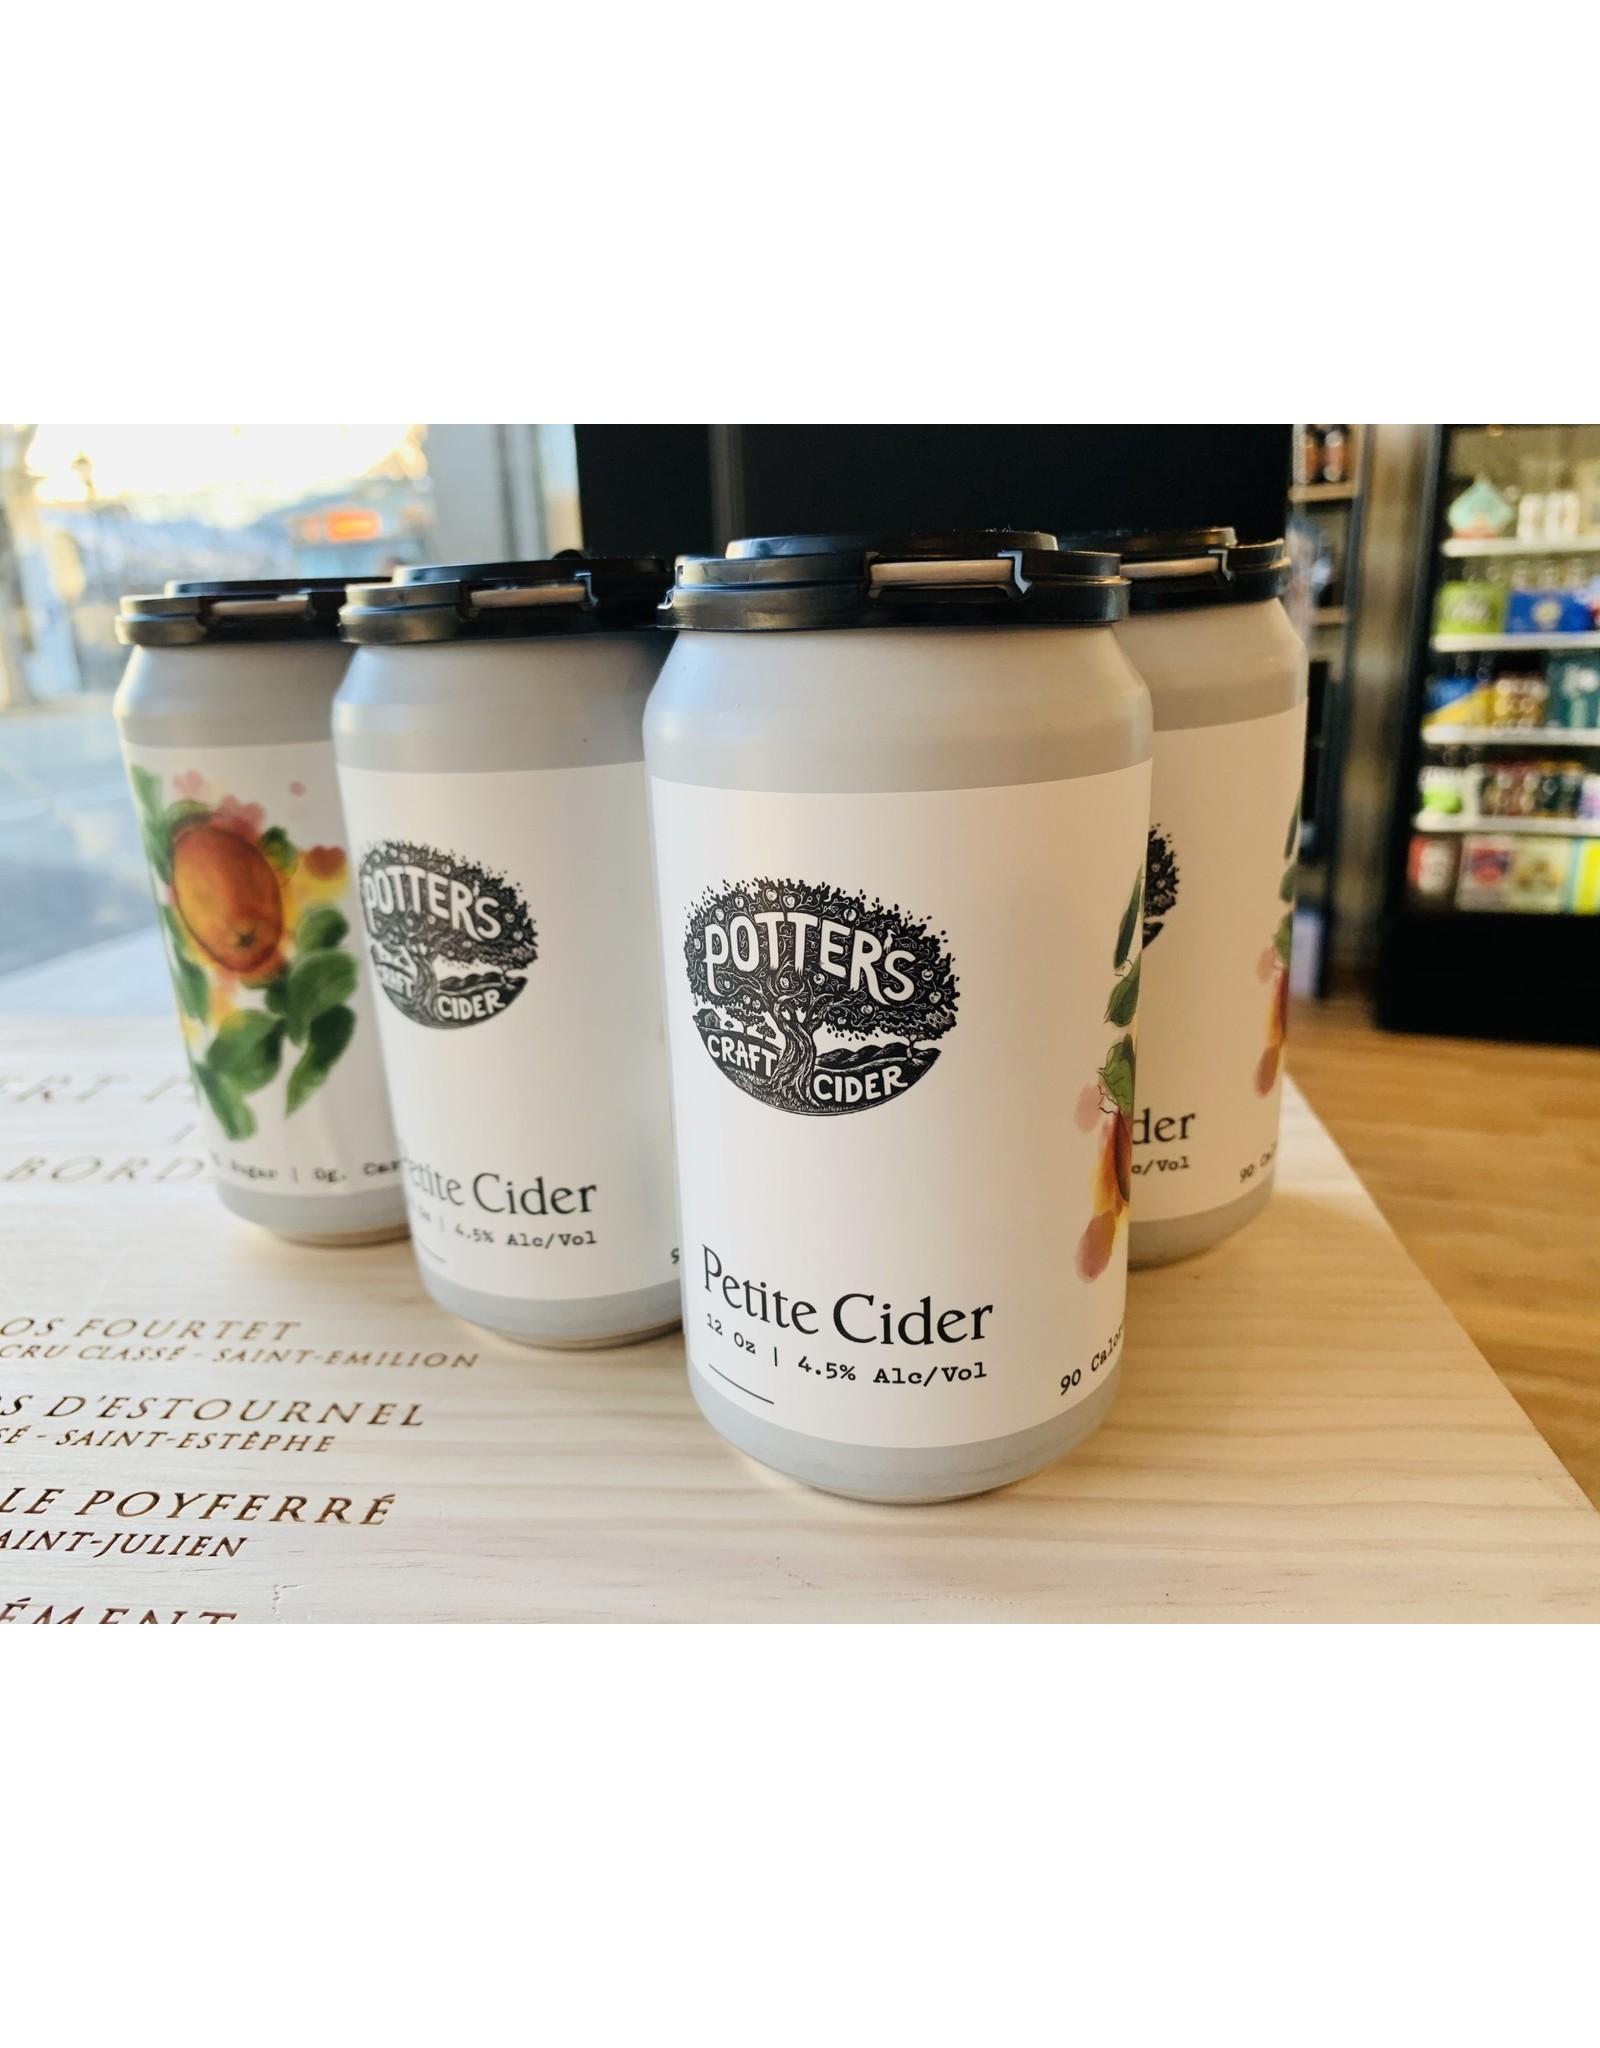 Potters Potter's Petit Cider